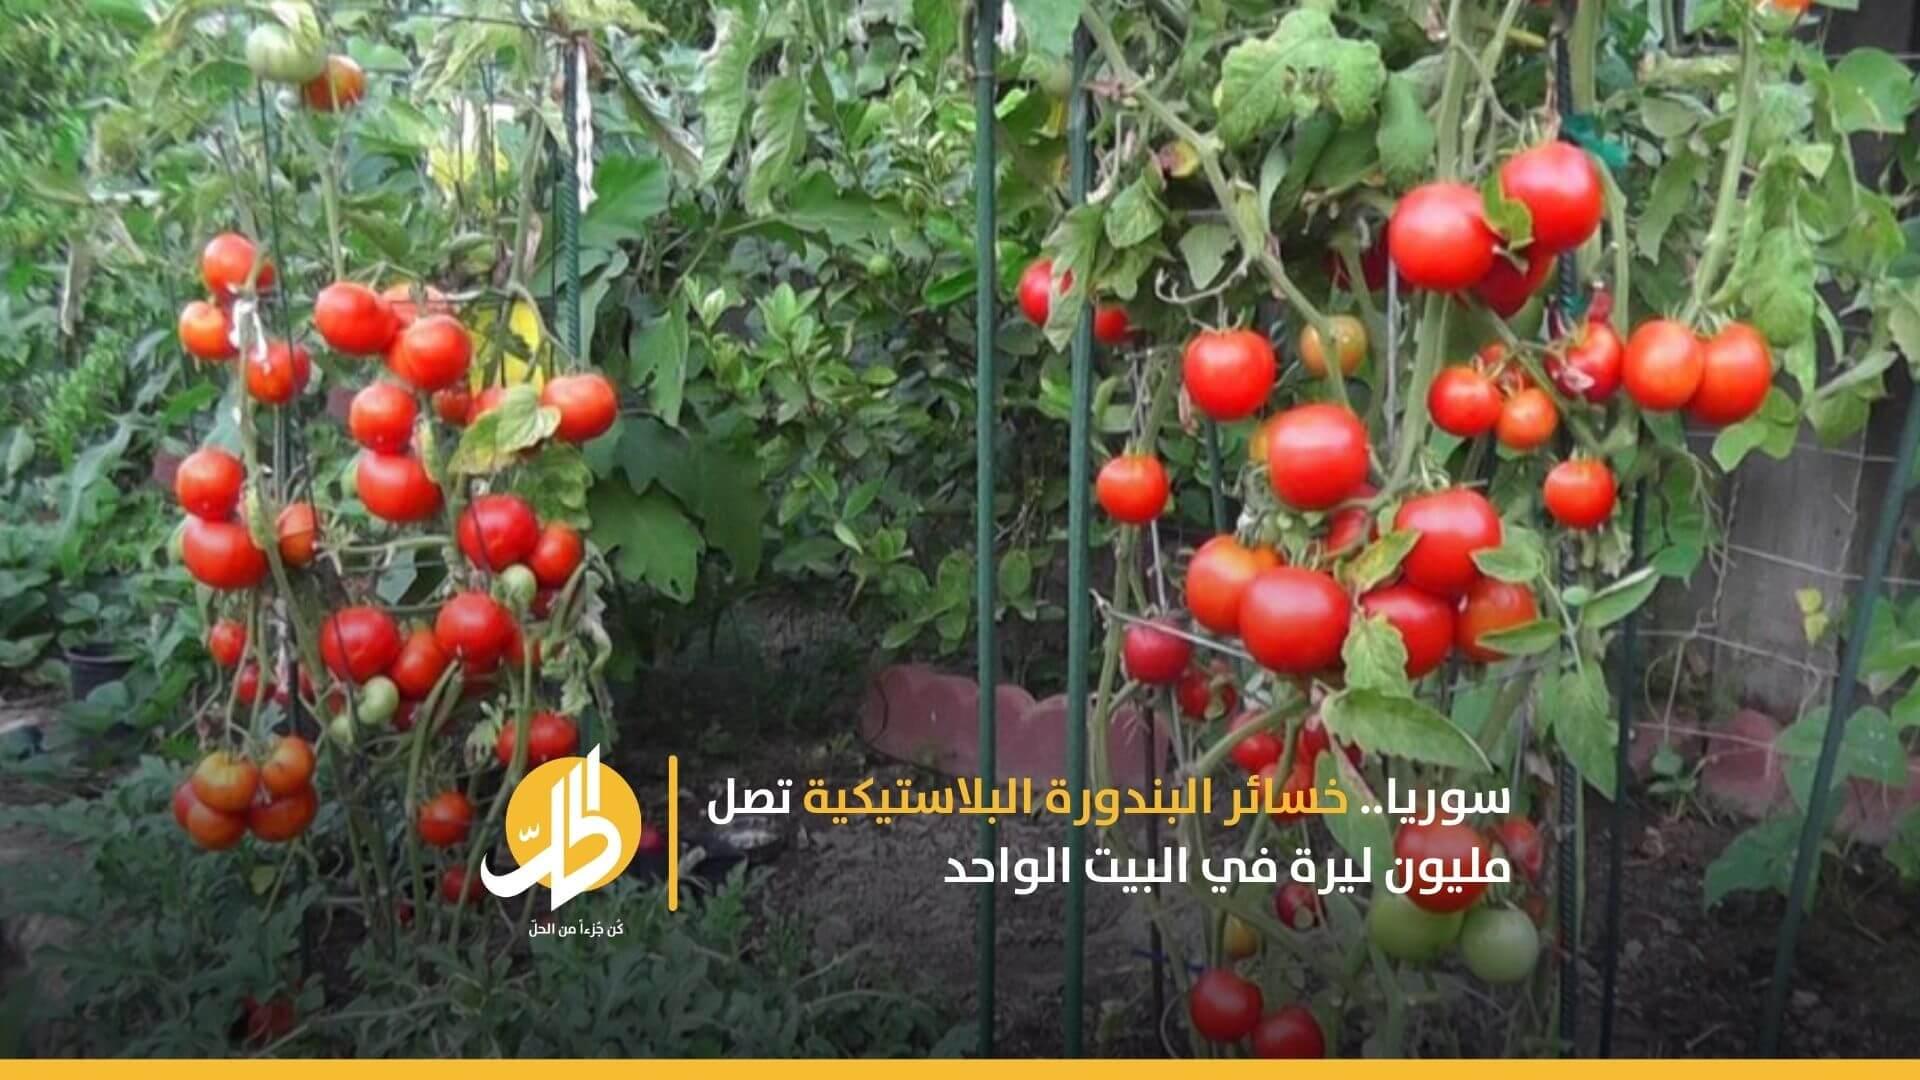 سوريا.. خسائر البندورة البلاستيكية تصل مليون ليرة في البيت الواحد